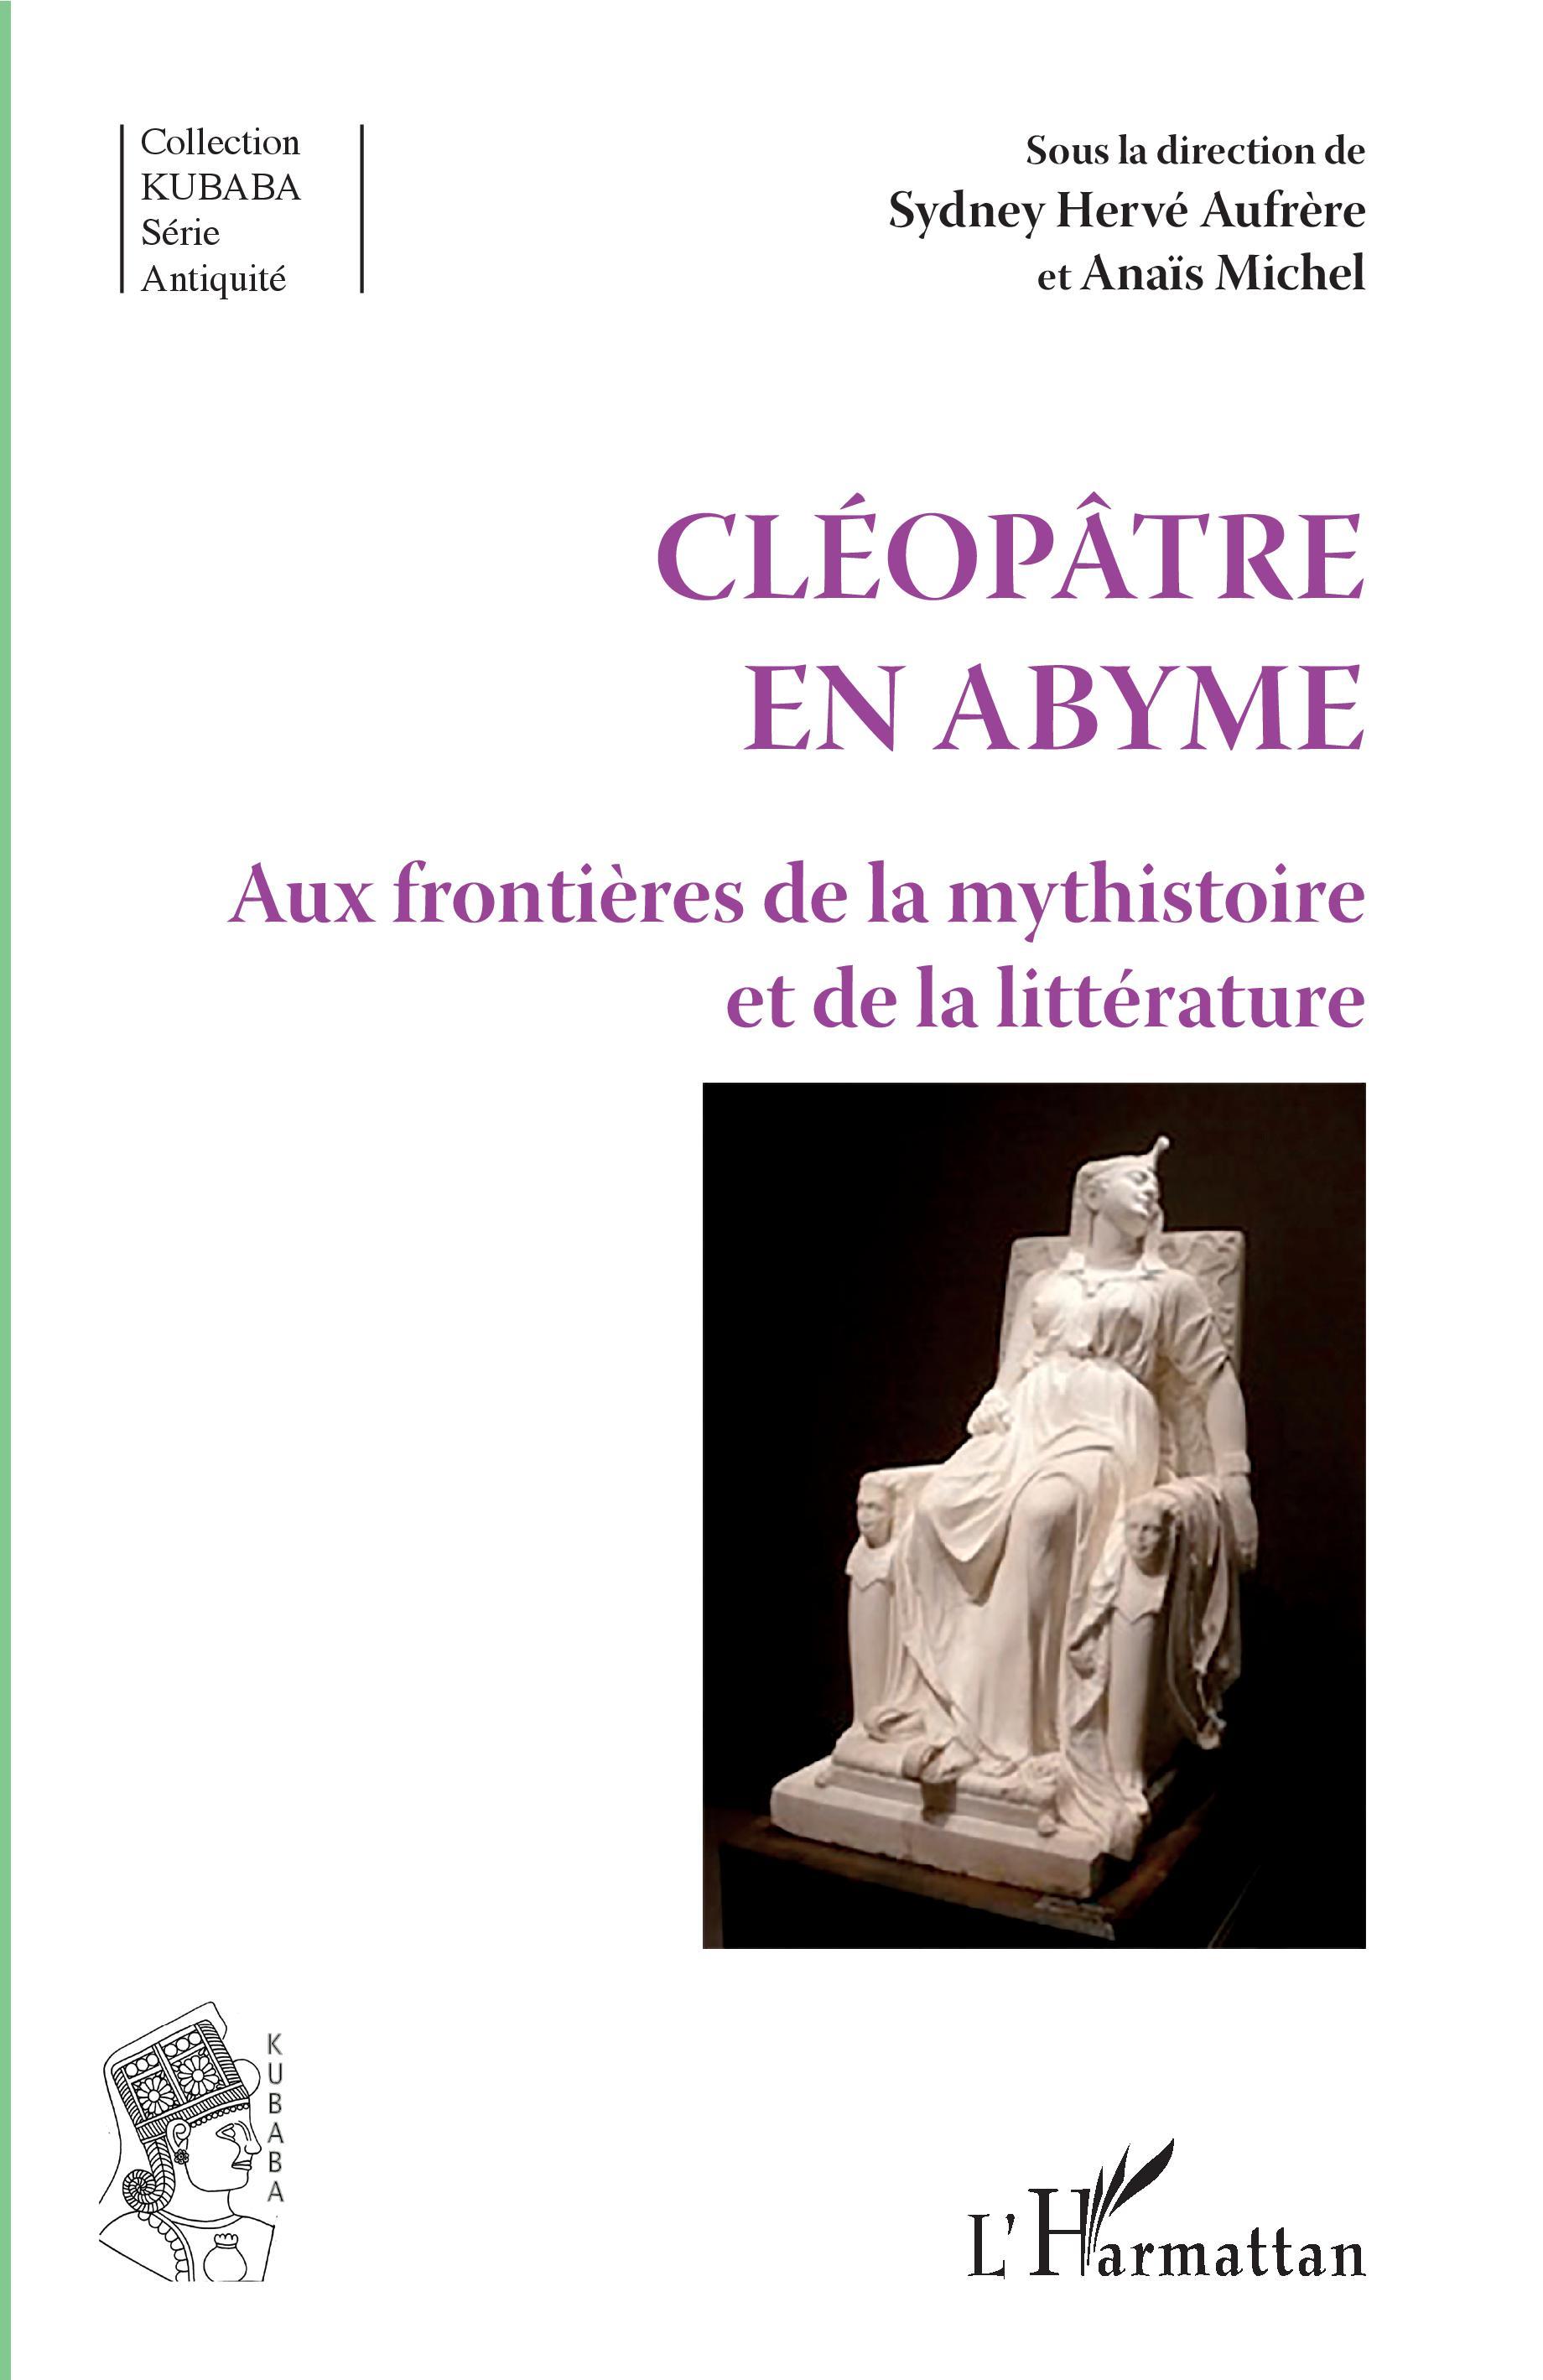 S. H. Aufreyre et A. Michel (dir.), Cléopâtre en abyme - Aux frontières de la mysthistoire et de la littérature